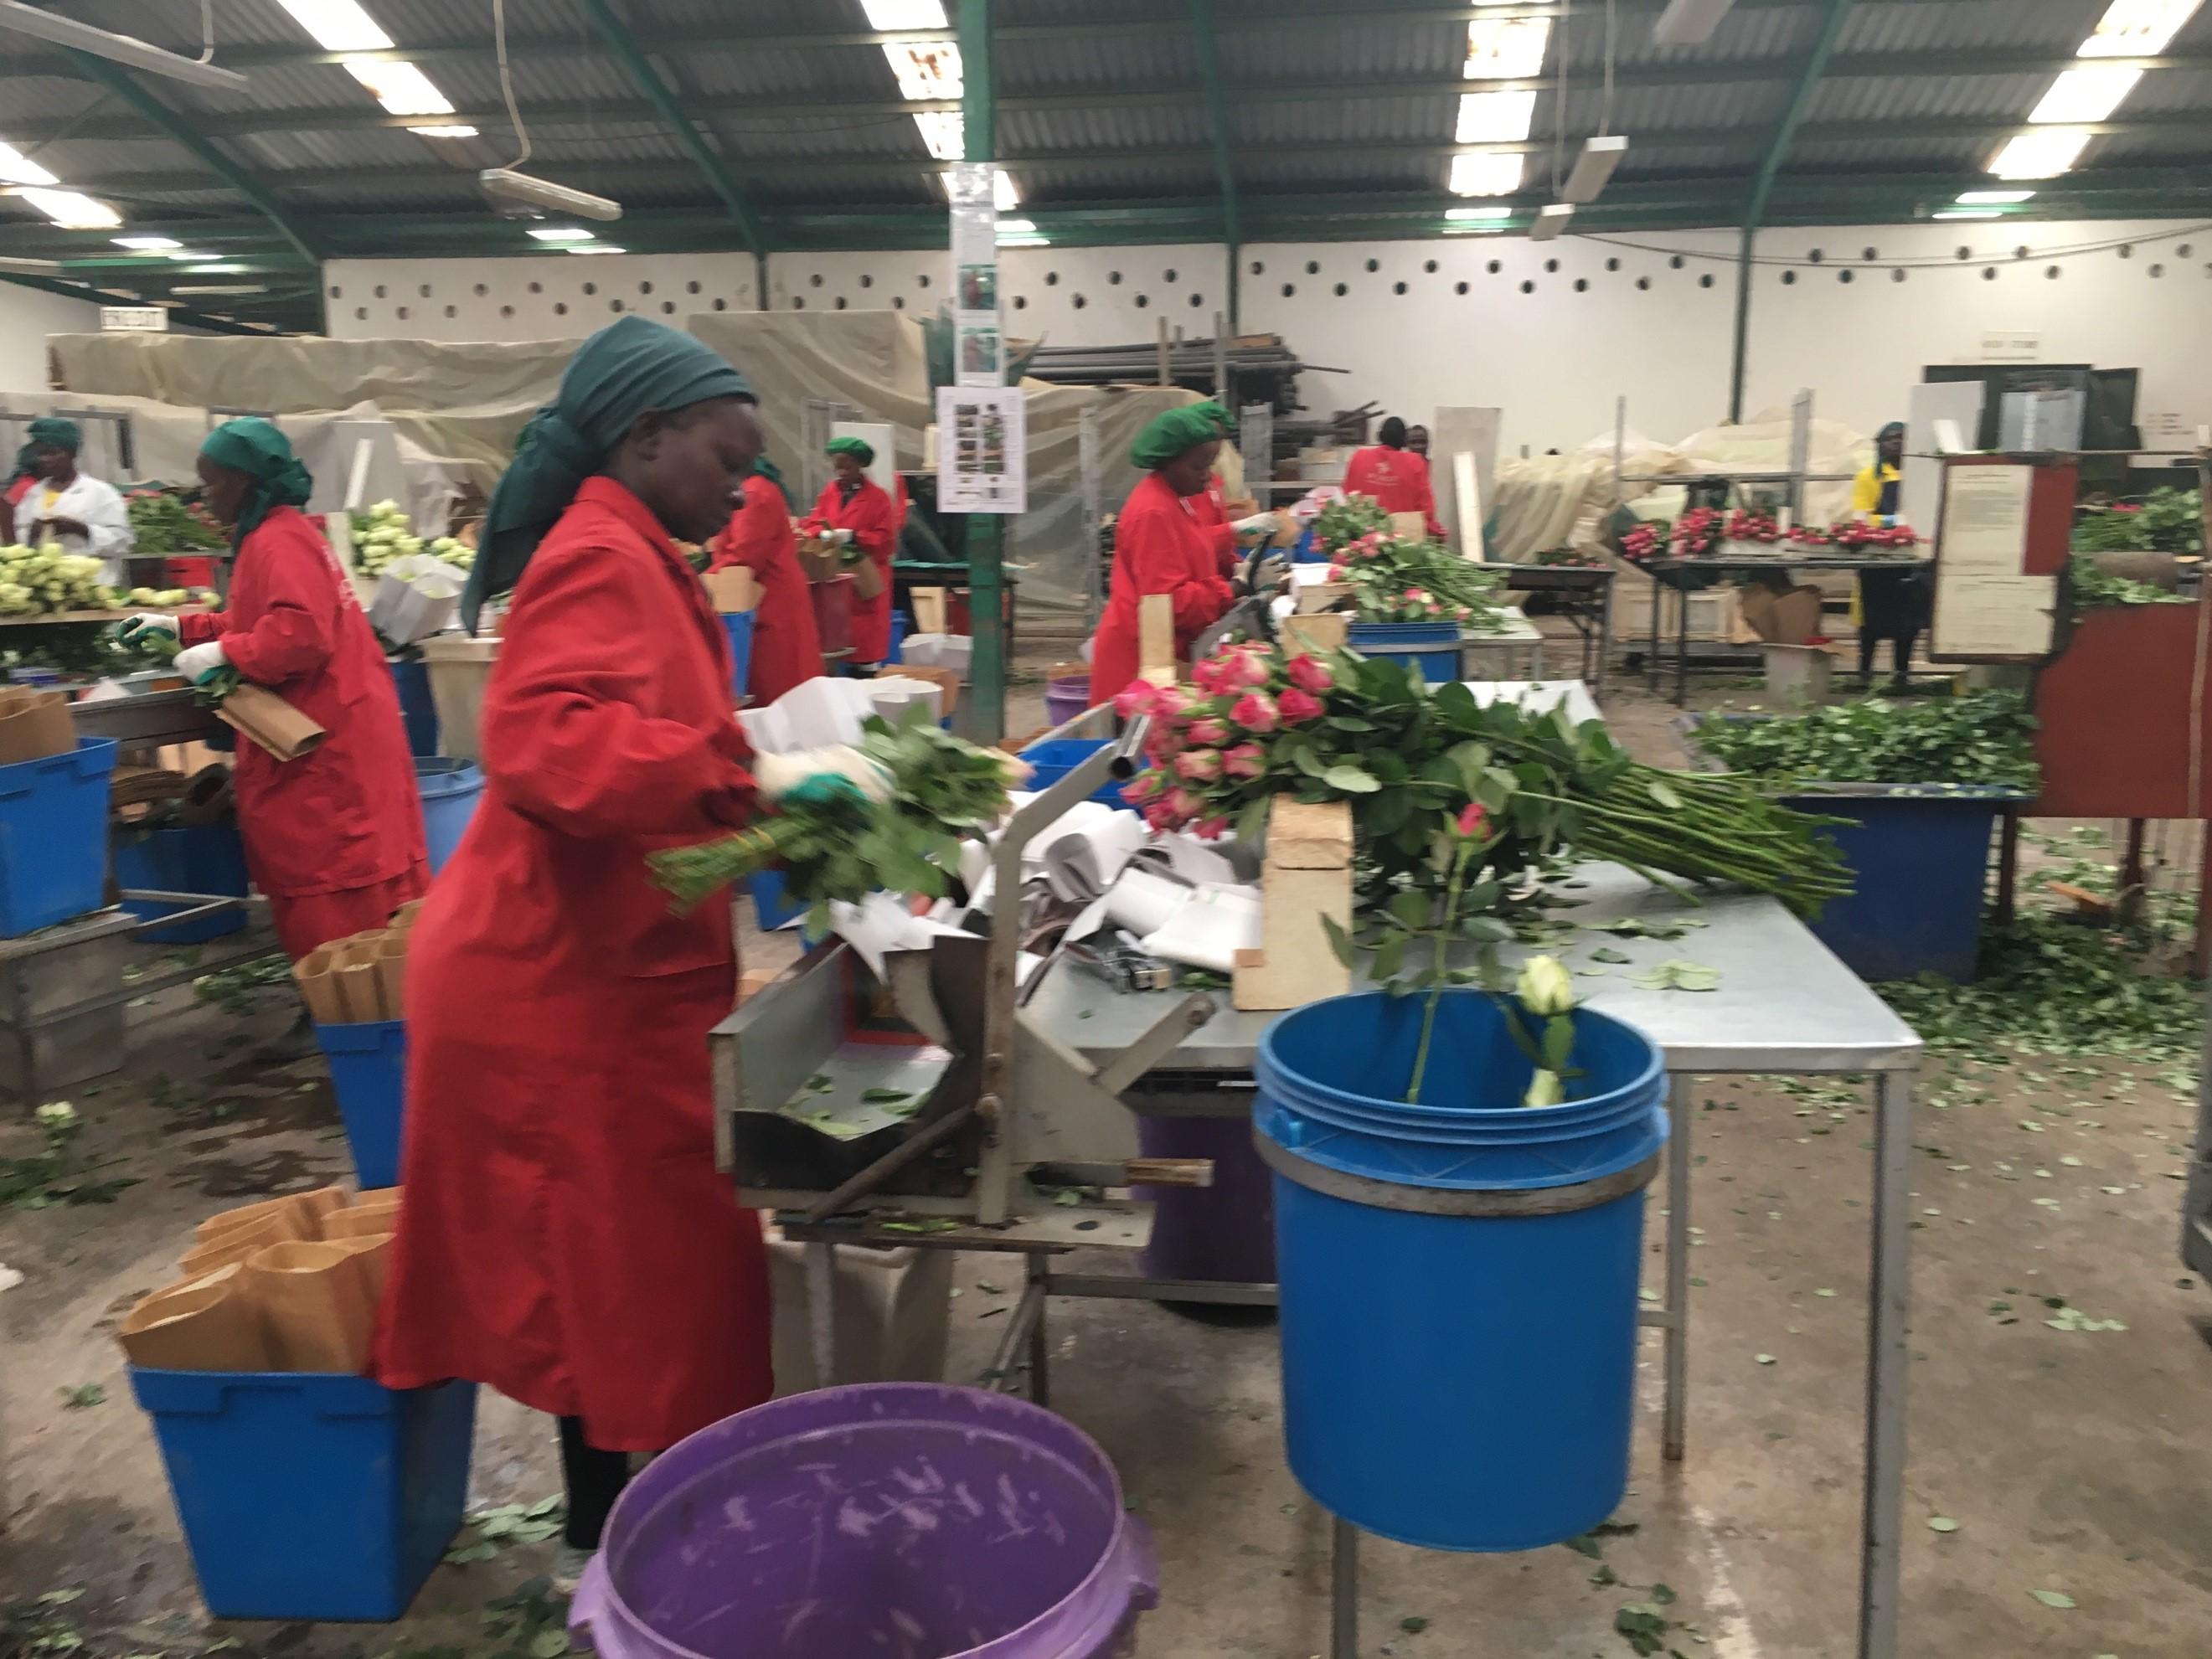 ケニアからバラを輸入する方法!基本の7項目を大公開